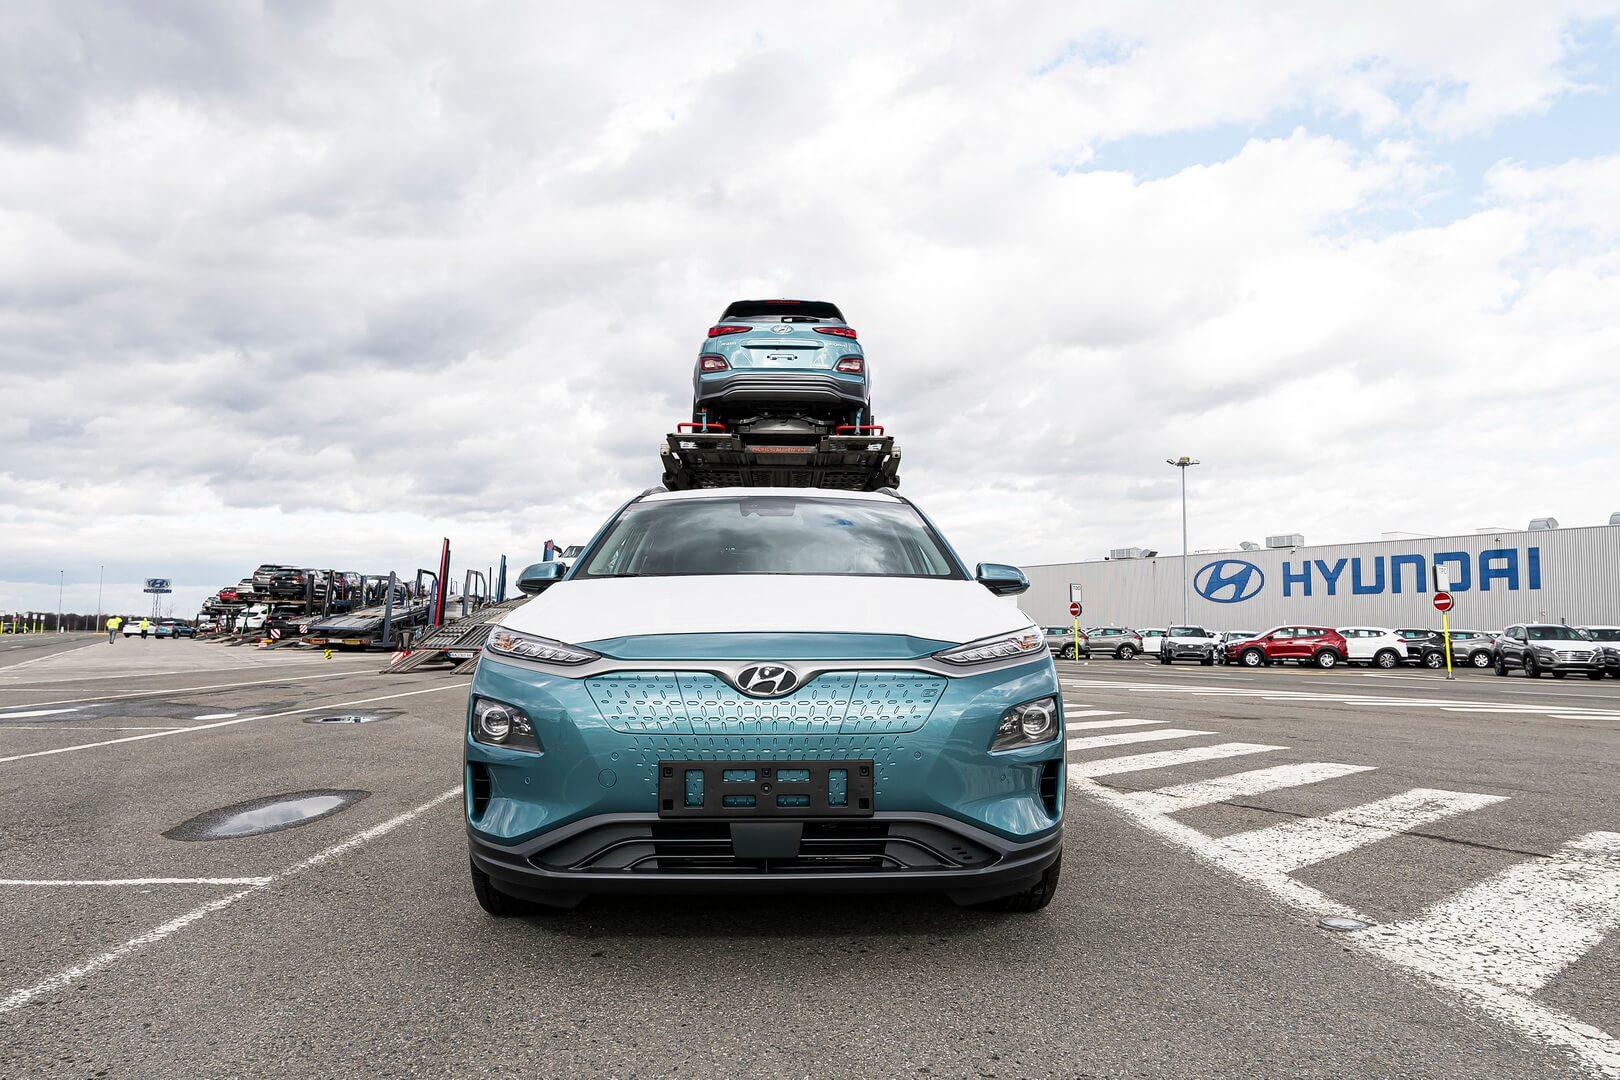 Перша партія Hyundai Kona Electric зібраних в Чехії